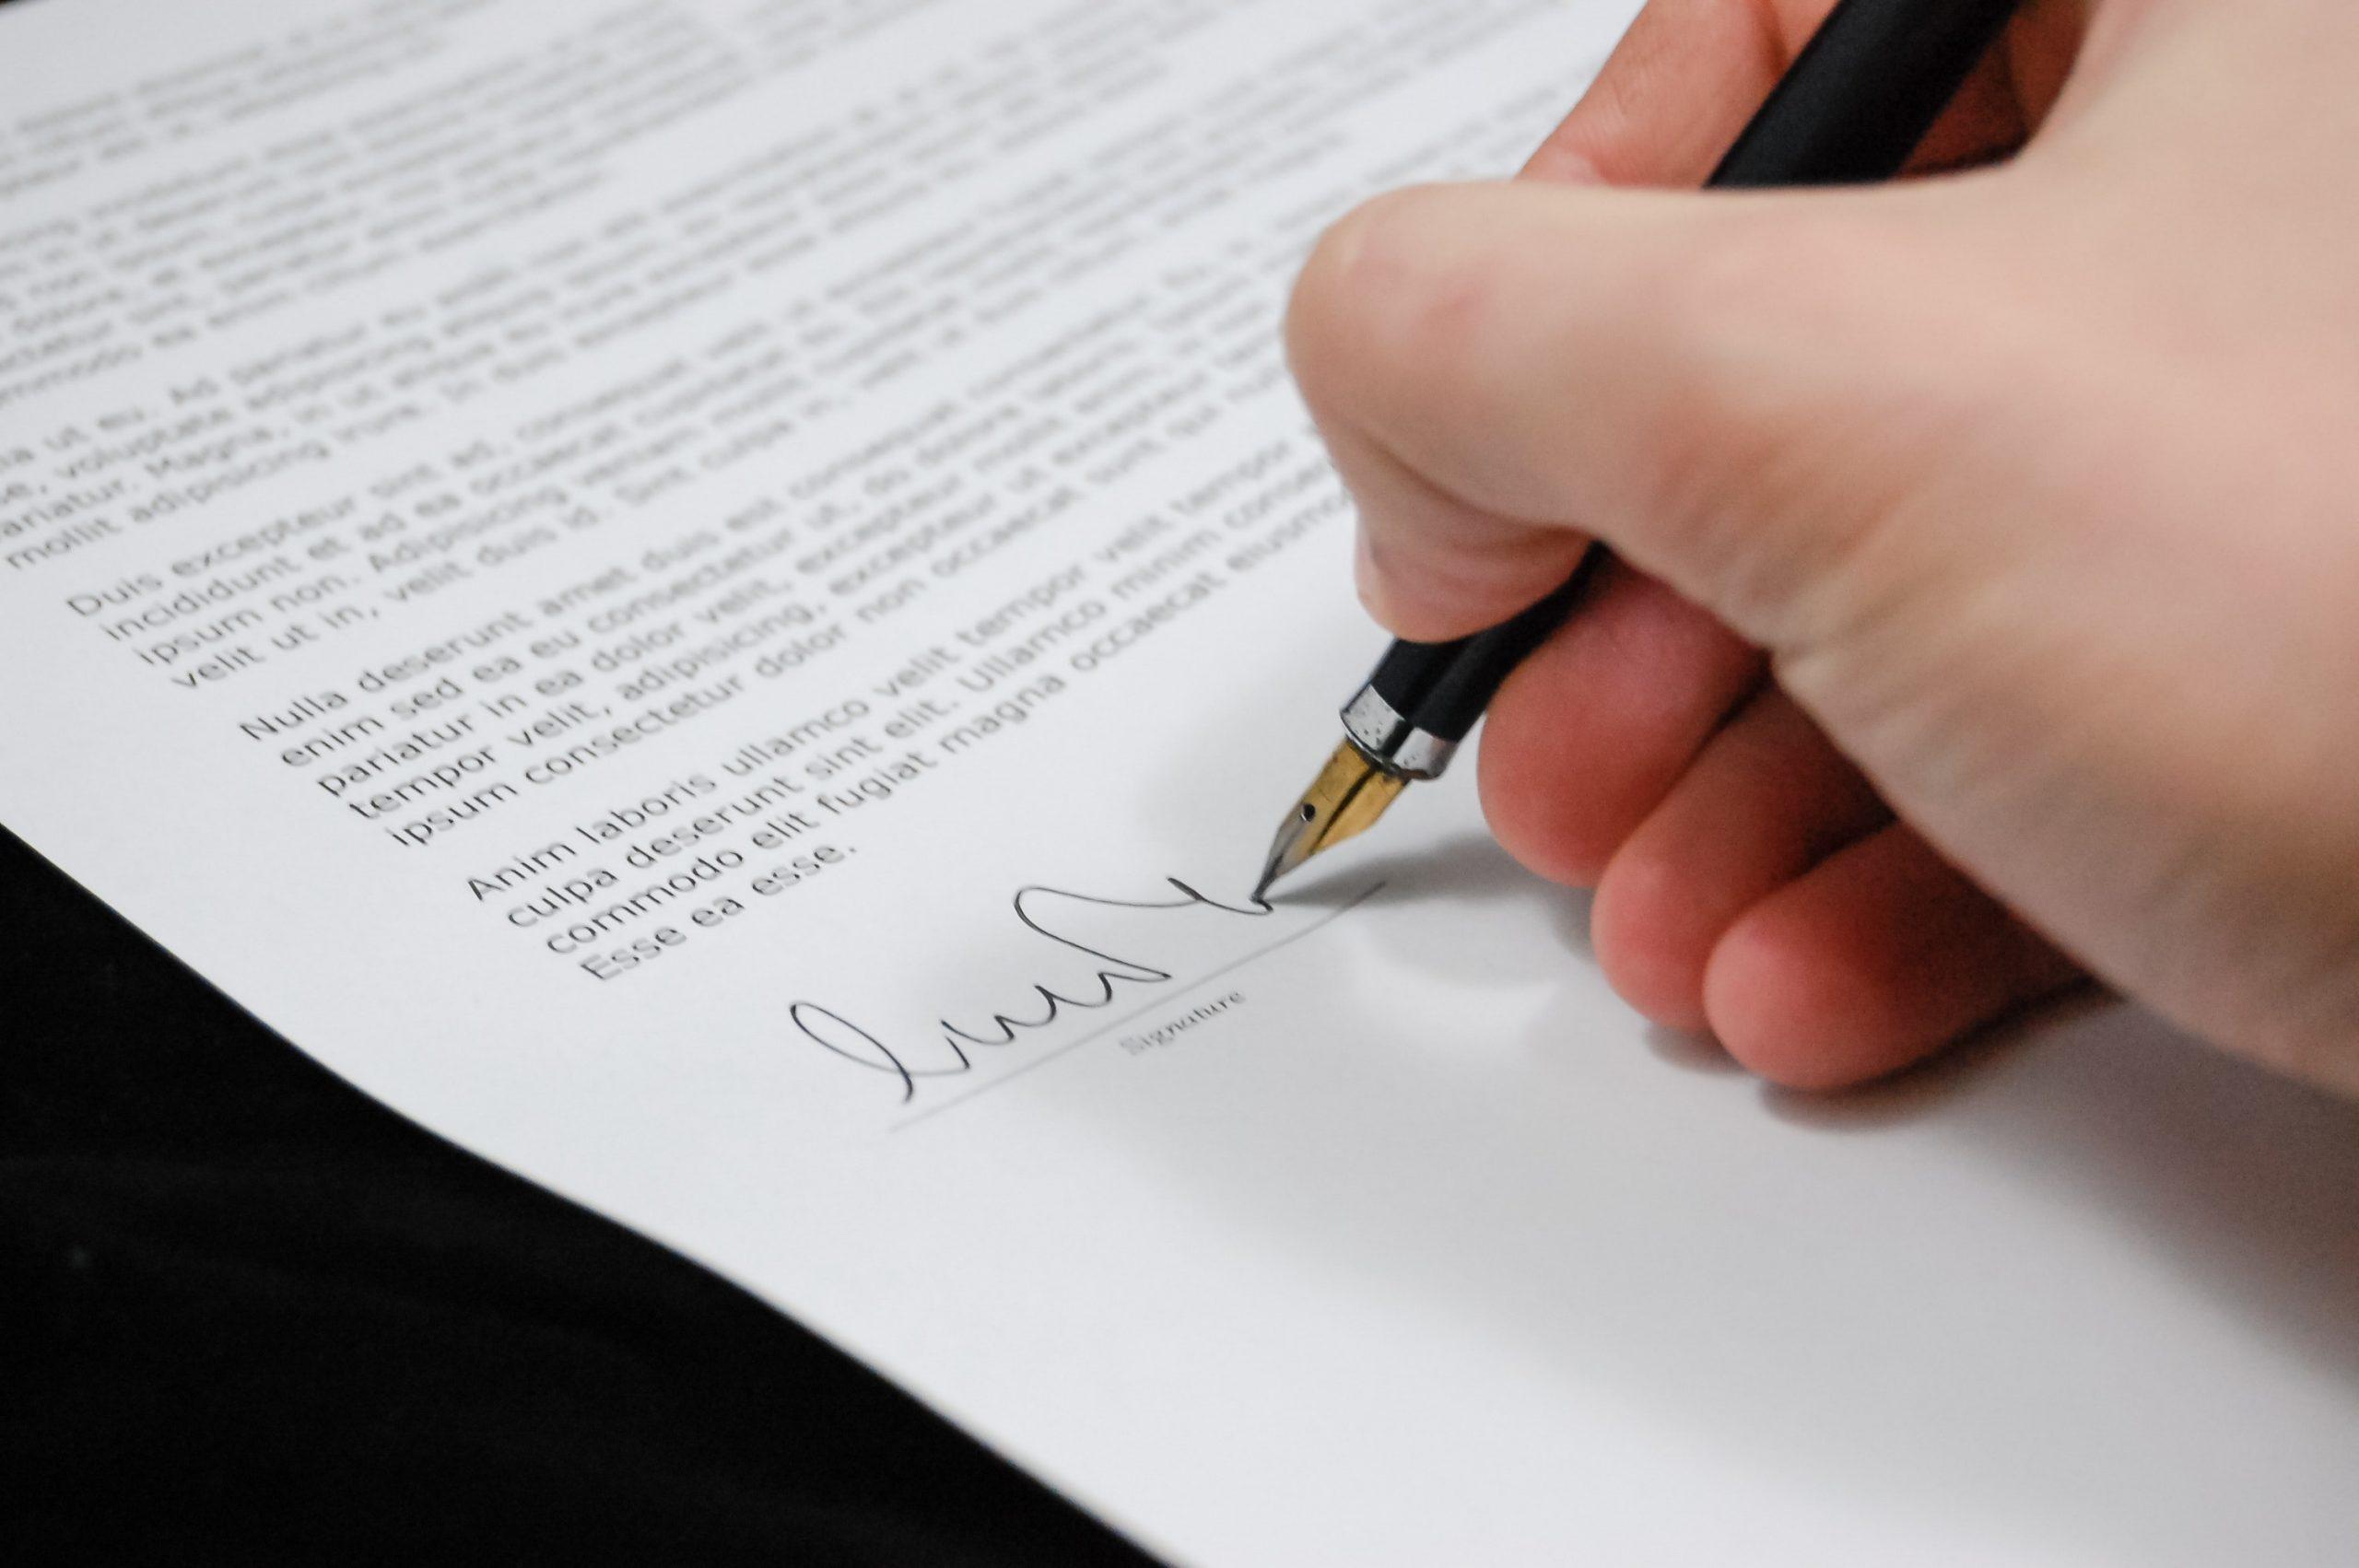 Validade jurídica para documentos digitalizados e seus benefícios